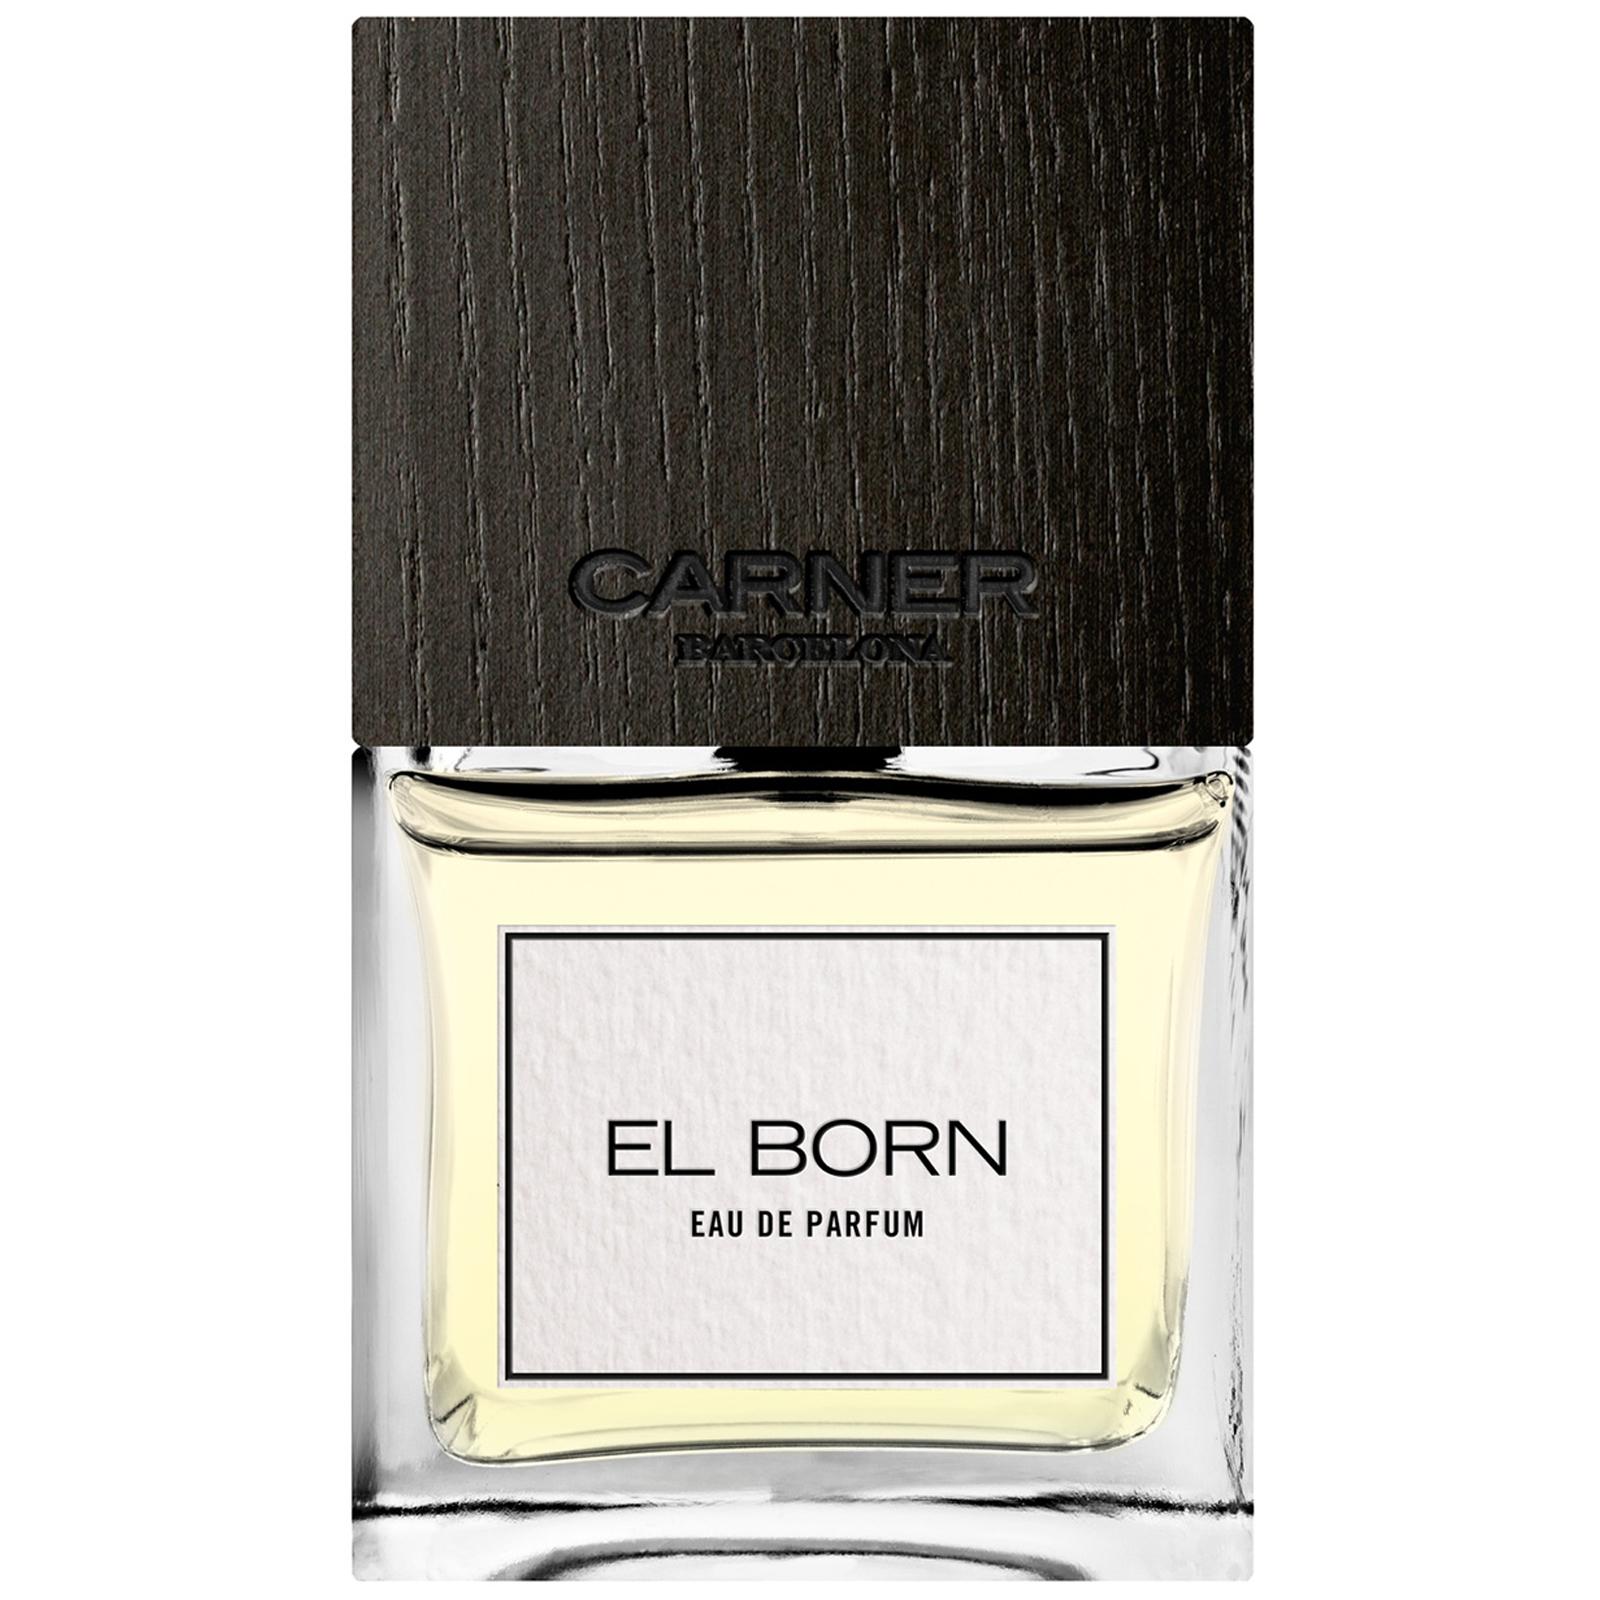 El born profumo eau de parfum 50 ml